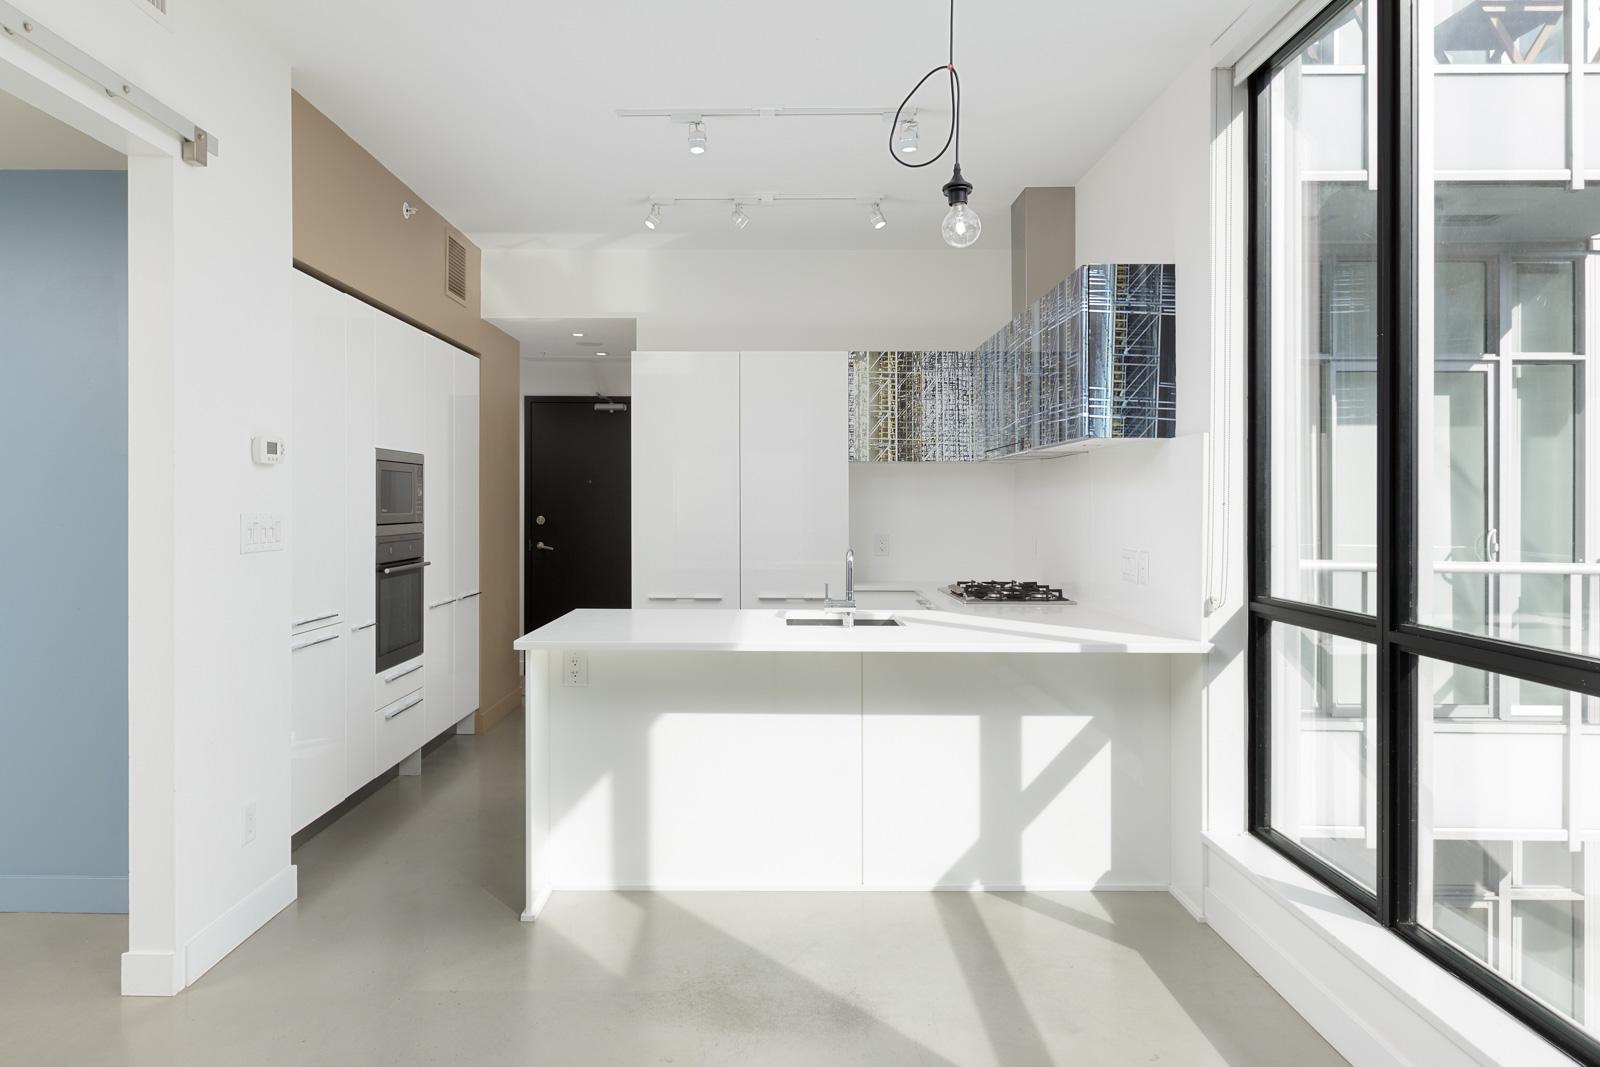 kitchen in upscale in Mount Pleasant condo